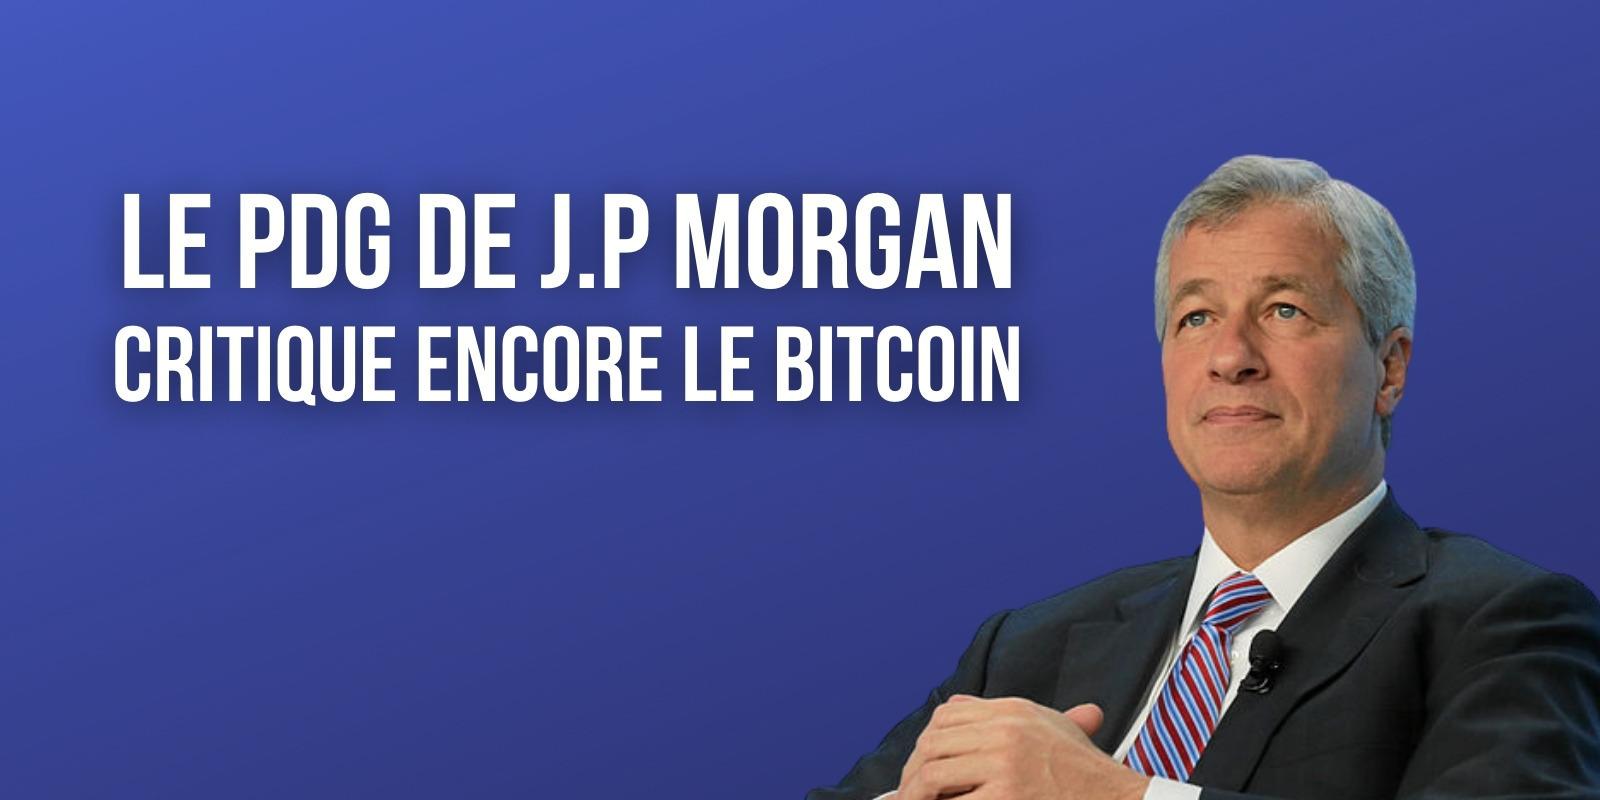 Le Bitcoin (BTC) n'a « aucune valeur » selon Jamie Dimon, PDG de JPMorgan